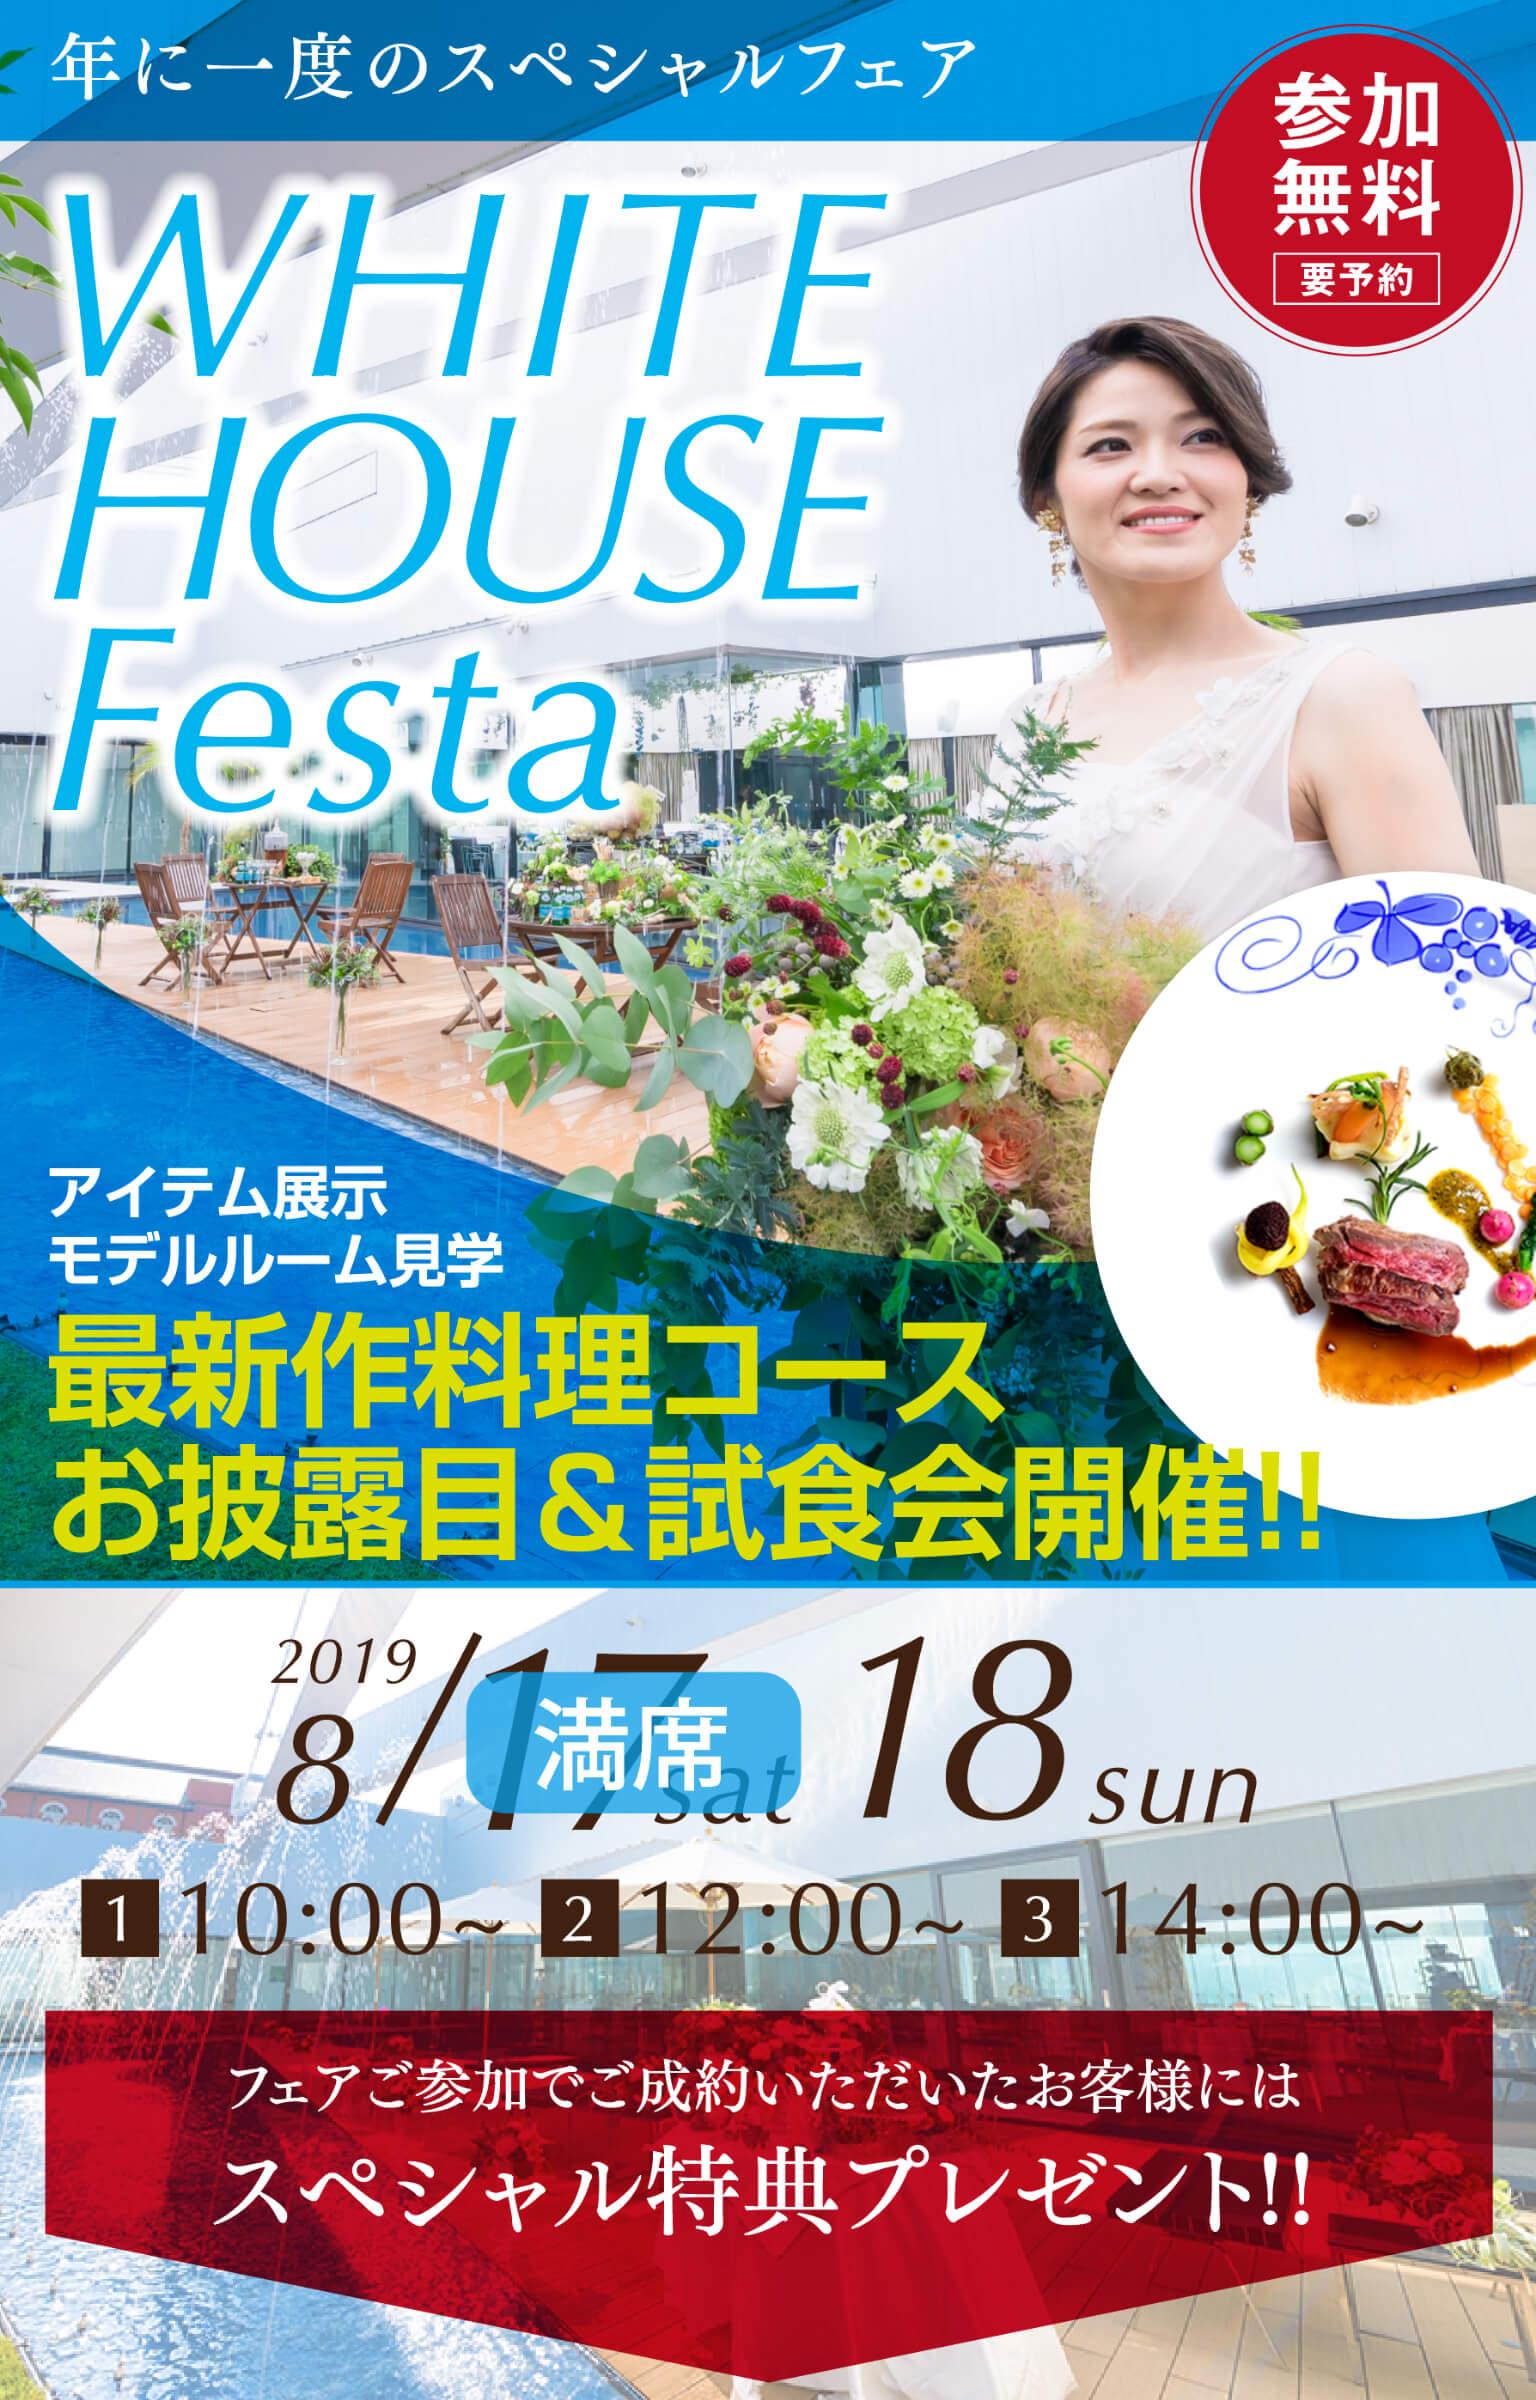 ホワイトハウス伊万里最新作料理コースお披露目&試食会開催!!